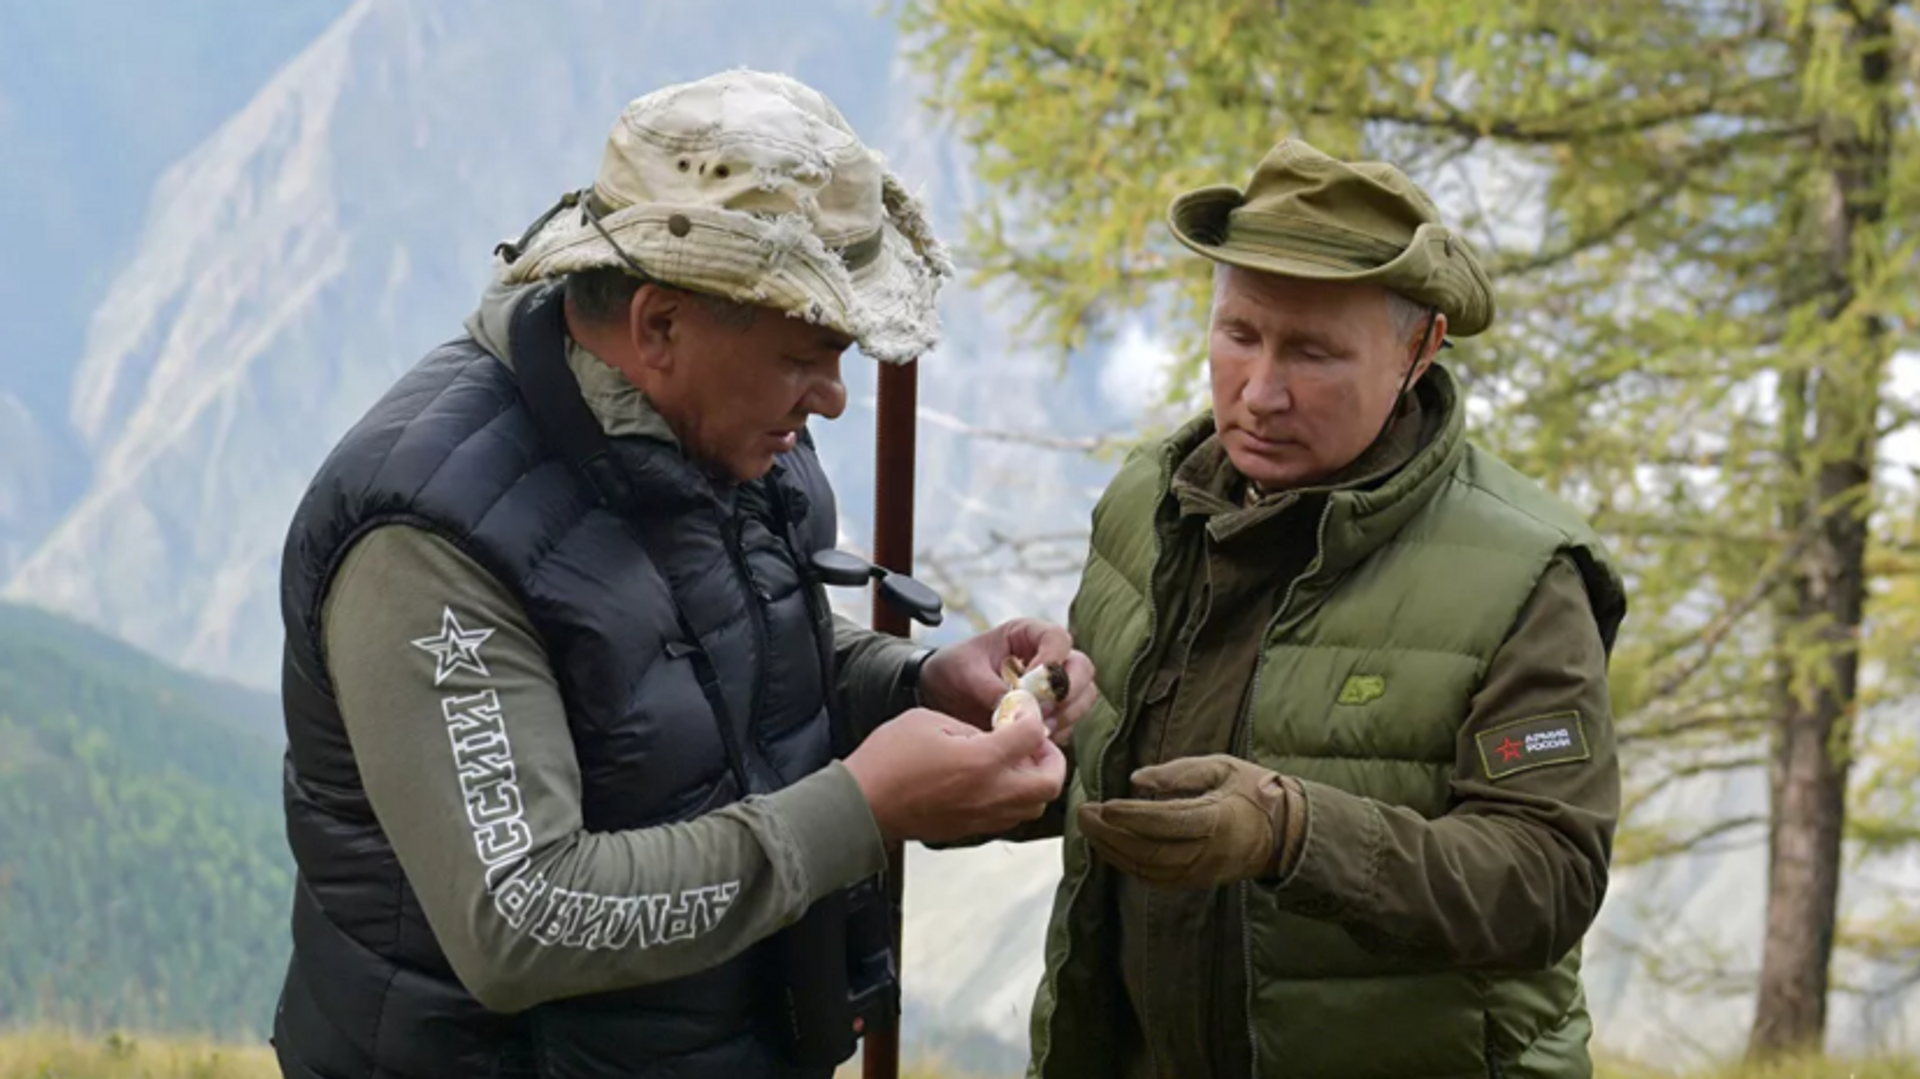 Rusya Devlet Başkanı Vladimir Putin ile Savunma Bakanı Sergey Şoygu - Sputnik Türkiye, 1920, 26.09.2021